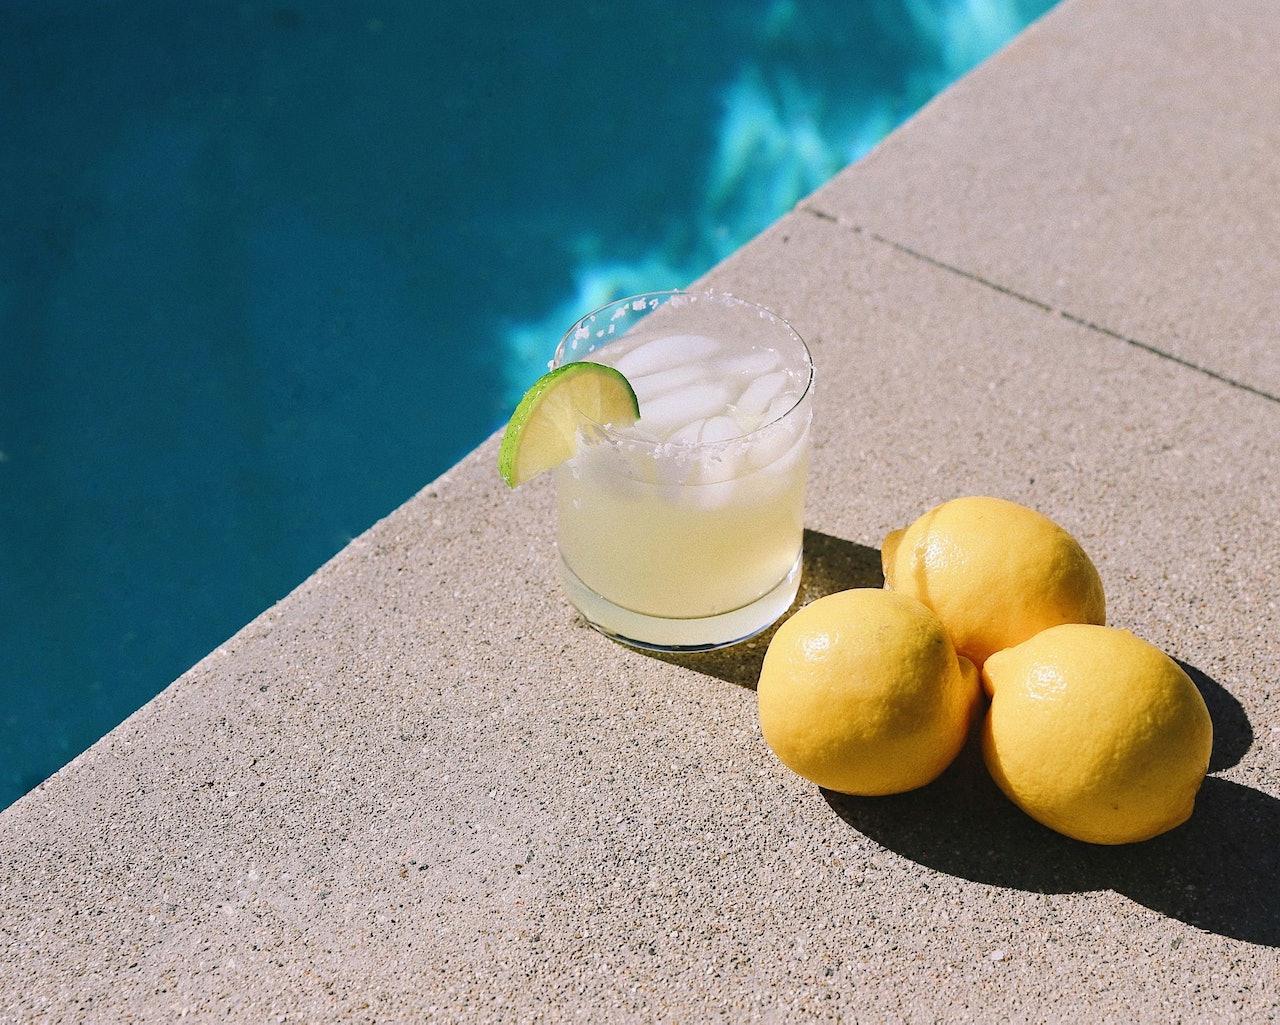 Lemonade Taylor Simpson Conscious by Chloé